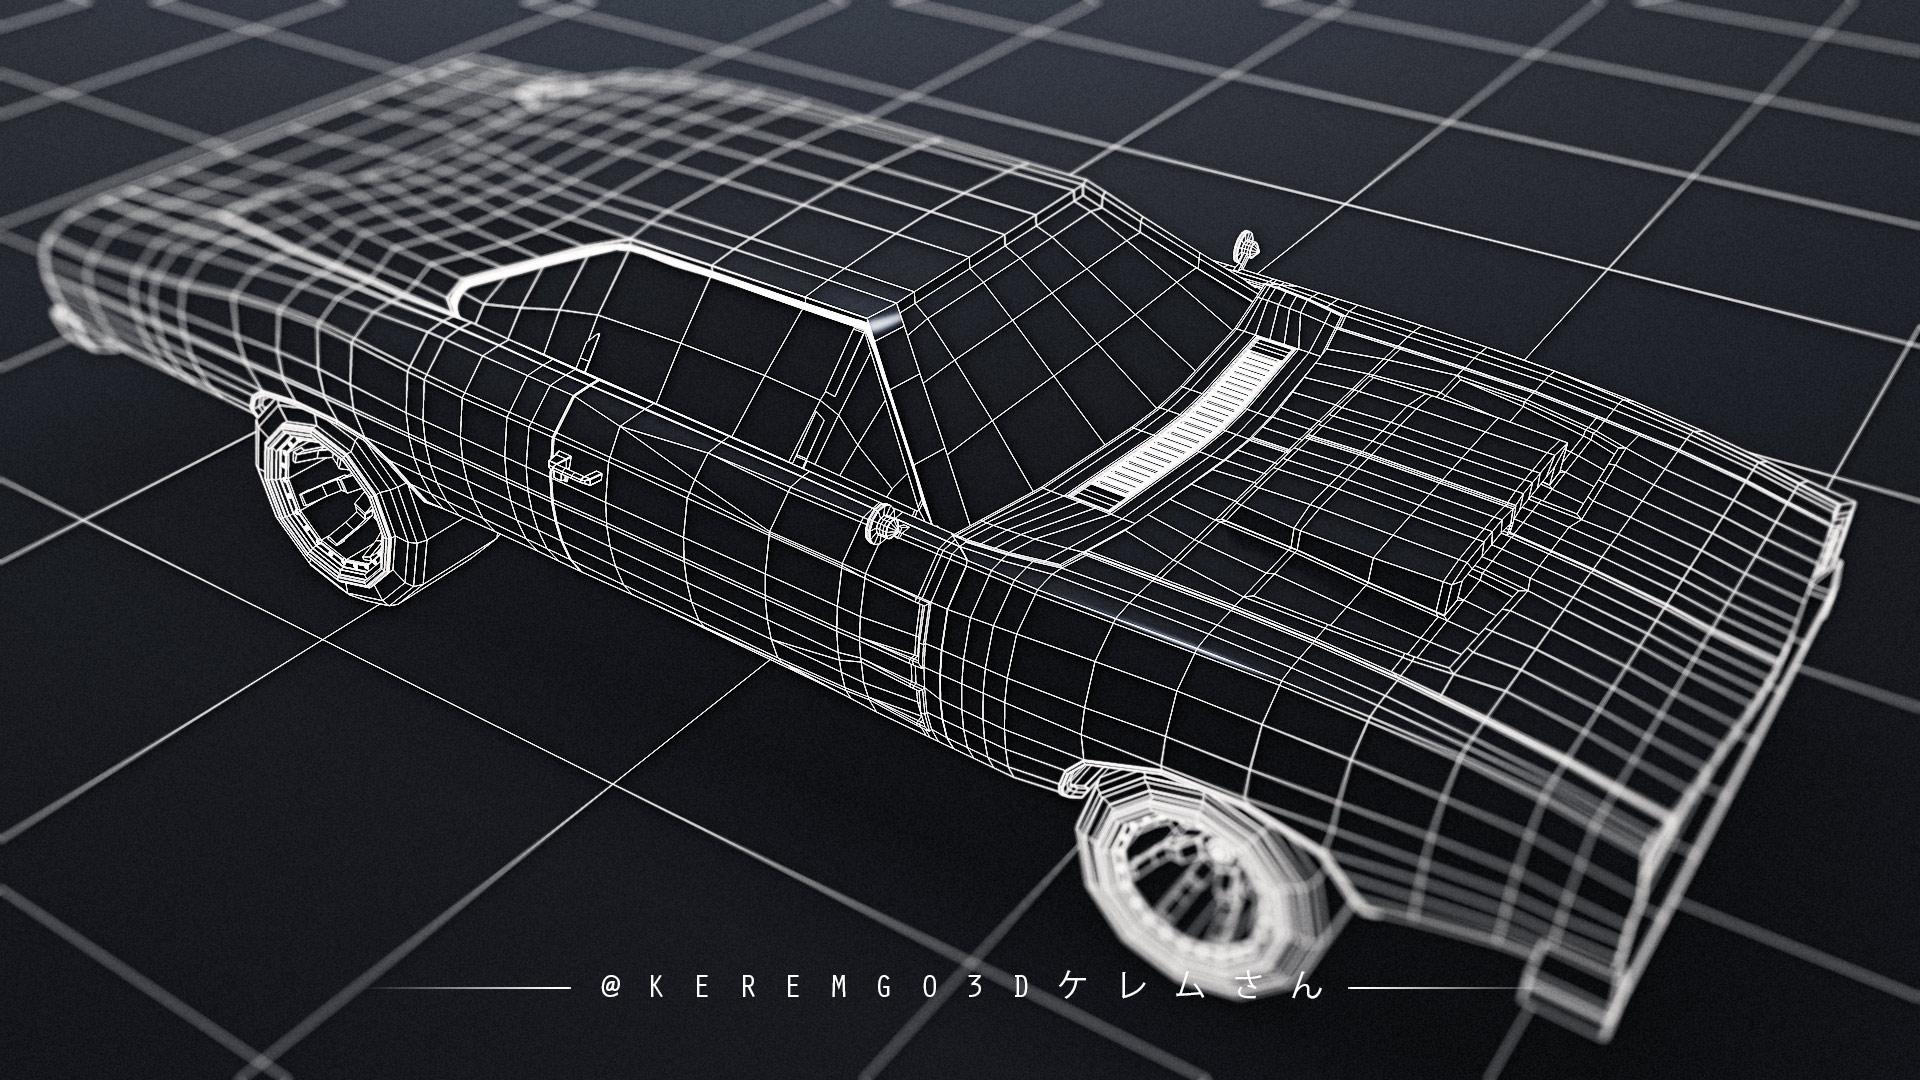 Car Render Challenge 2021 - Kerem Go's Entry WIP